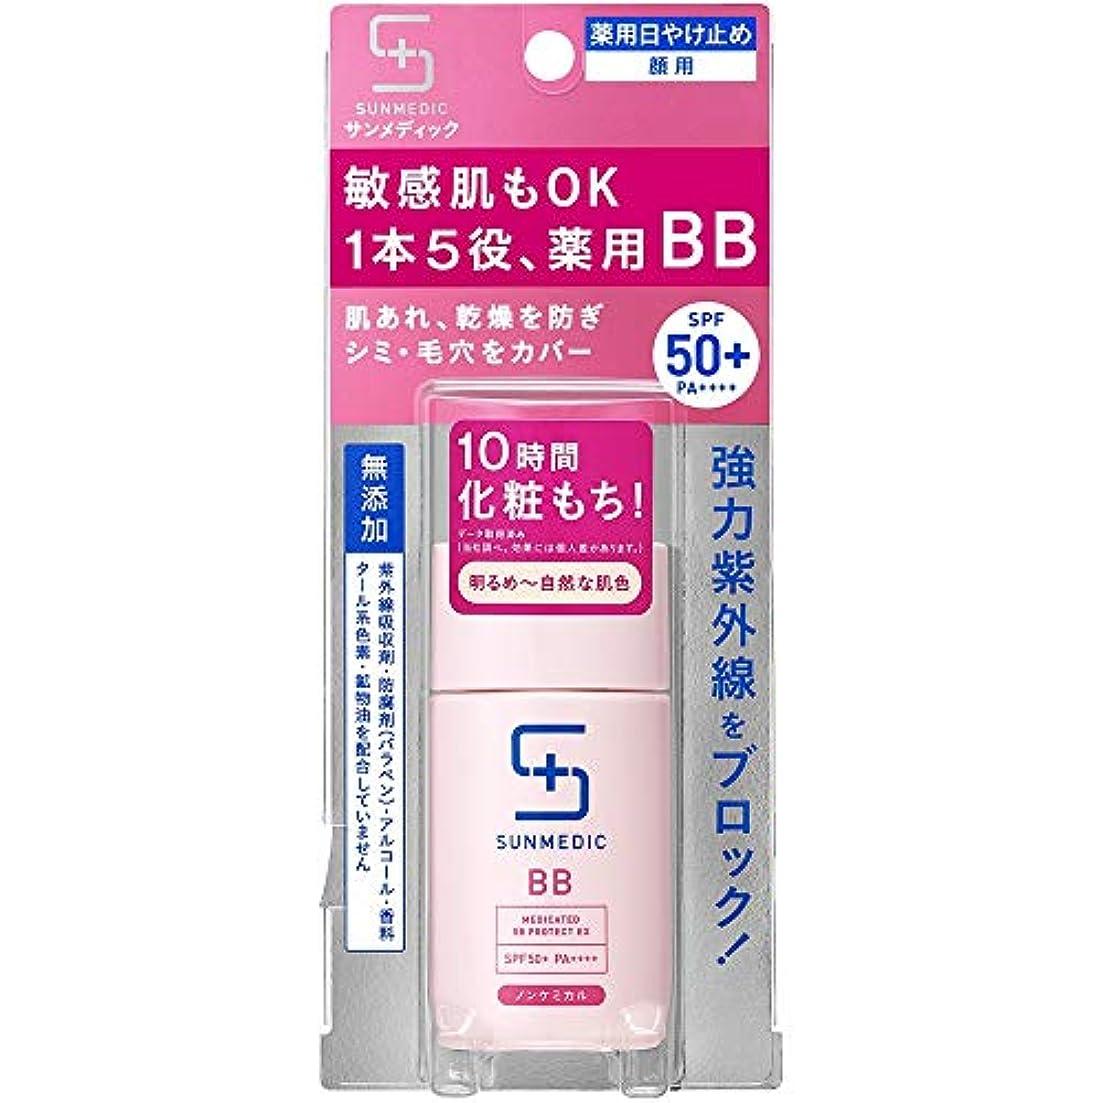 予約ベイビー役員サンメディックUV 薬用BBプロテクトEX ライト 30ml (医薬部外品)